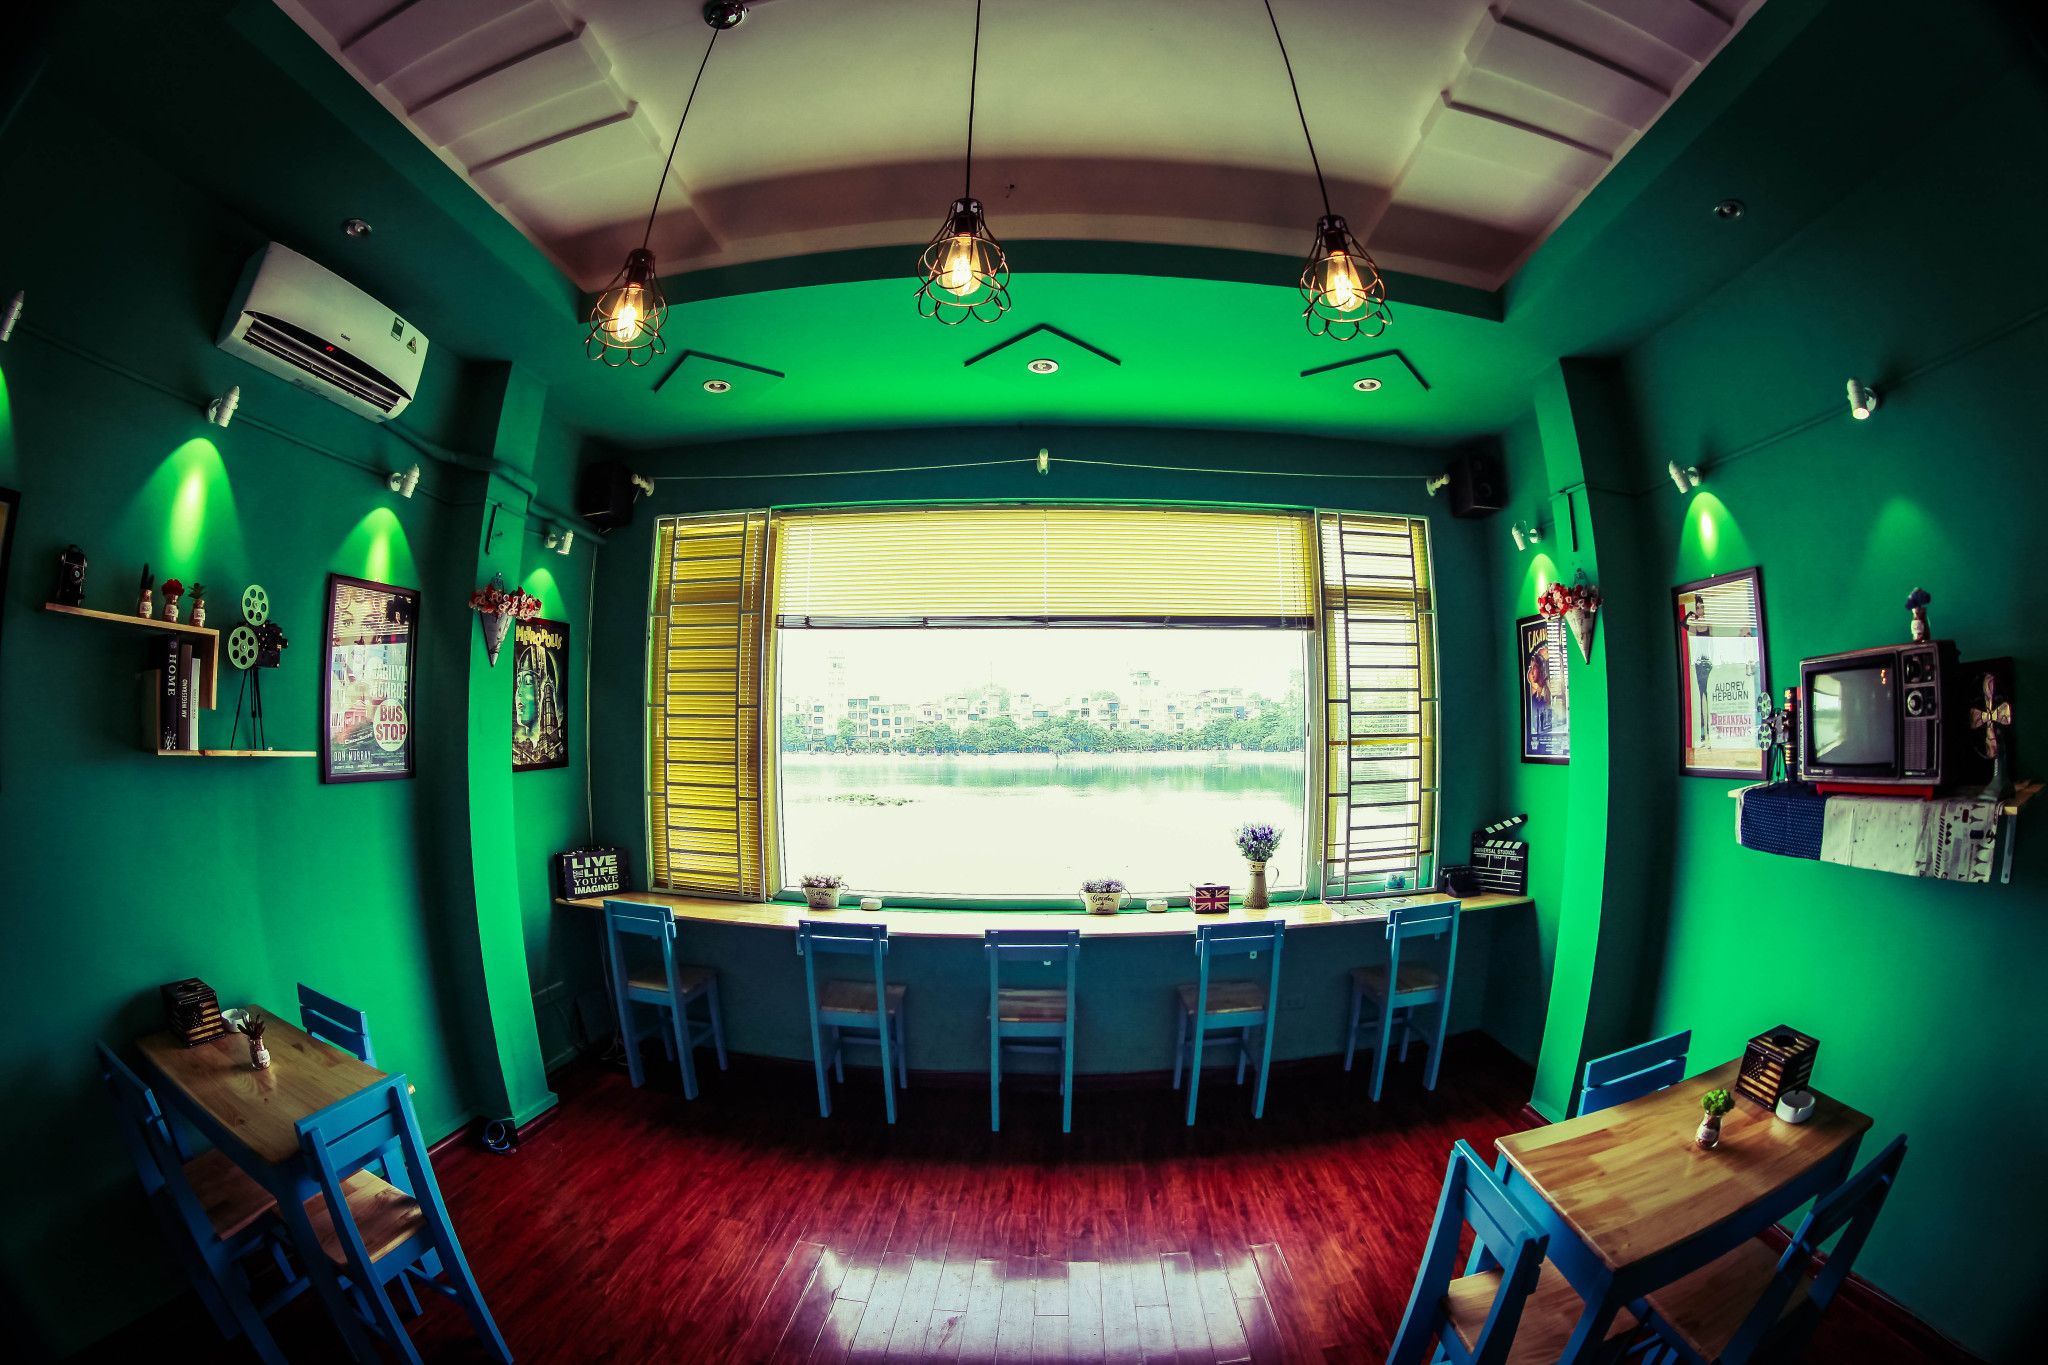 khong-gian-cafe-phim-view-ho